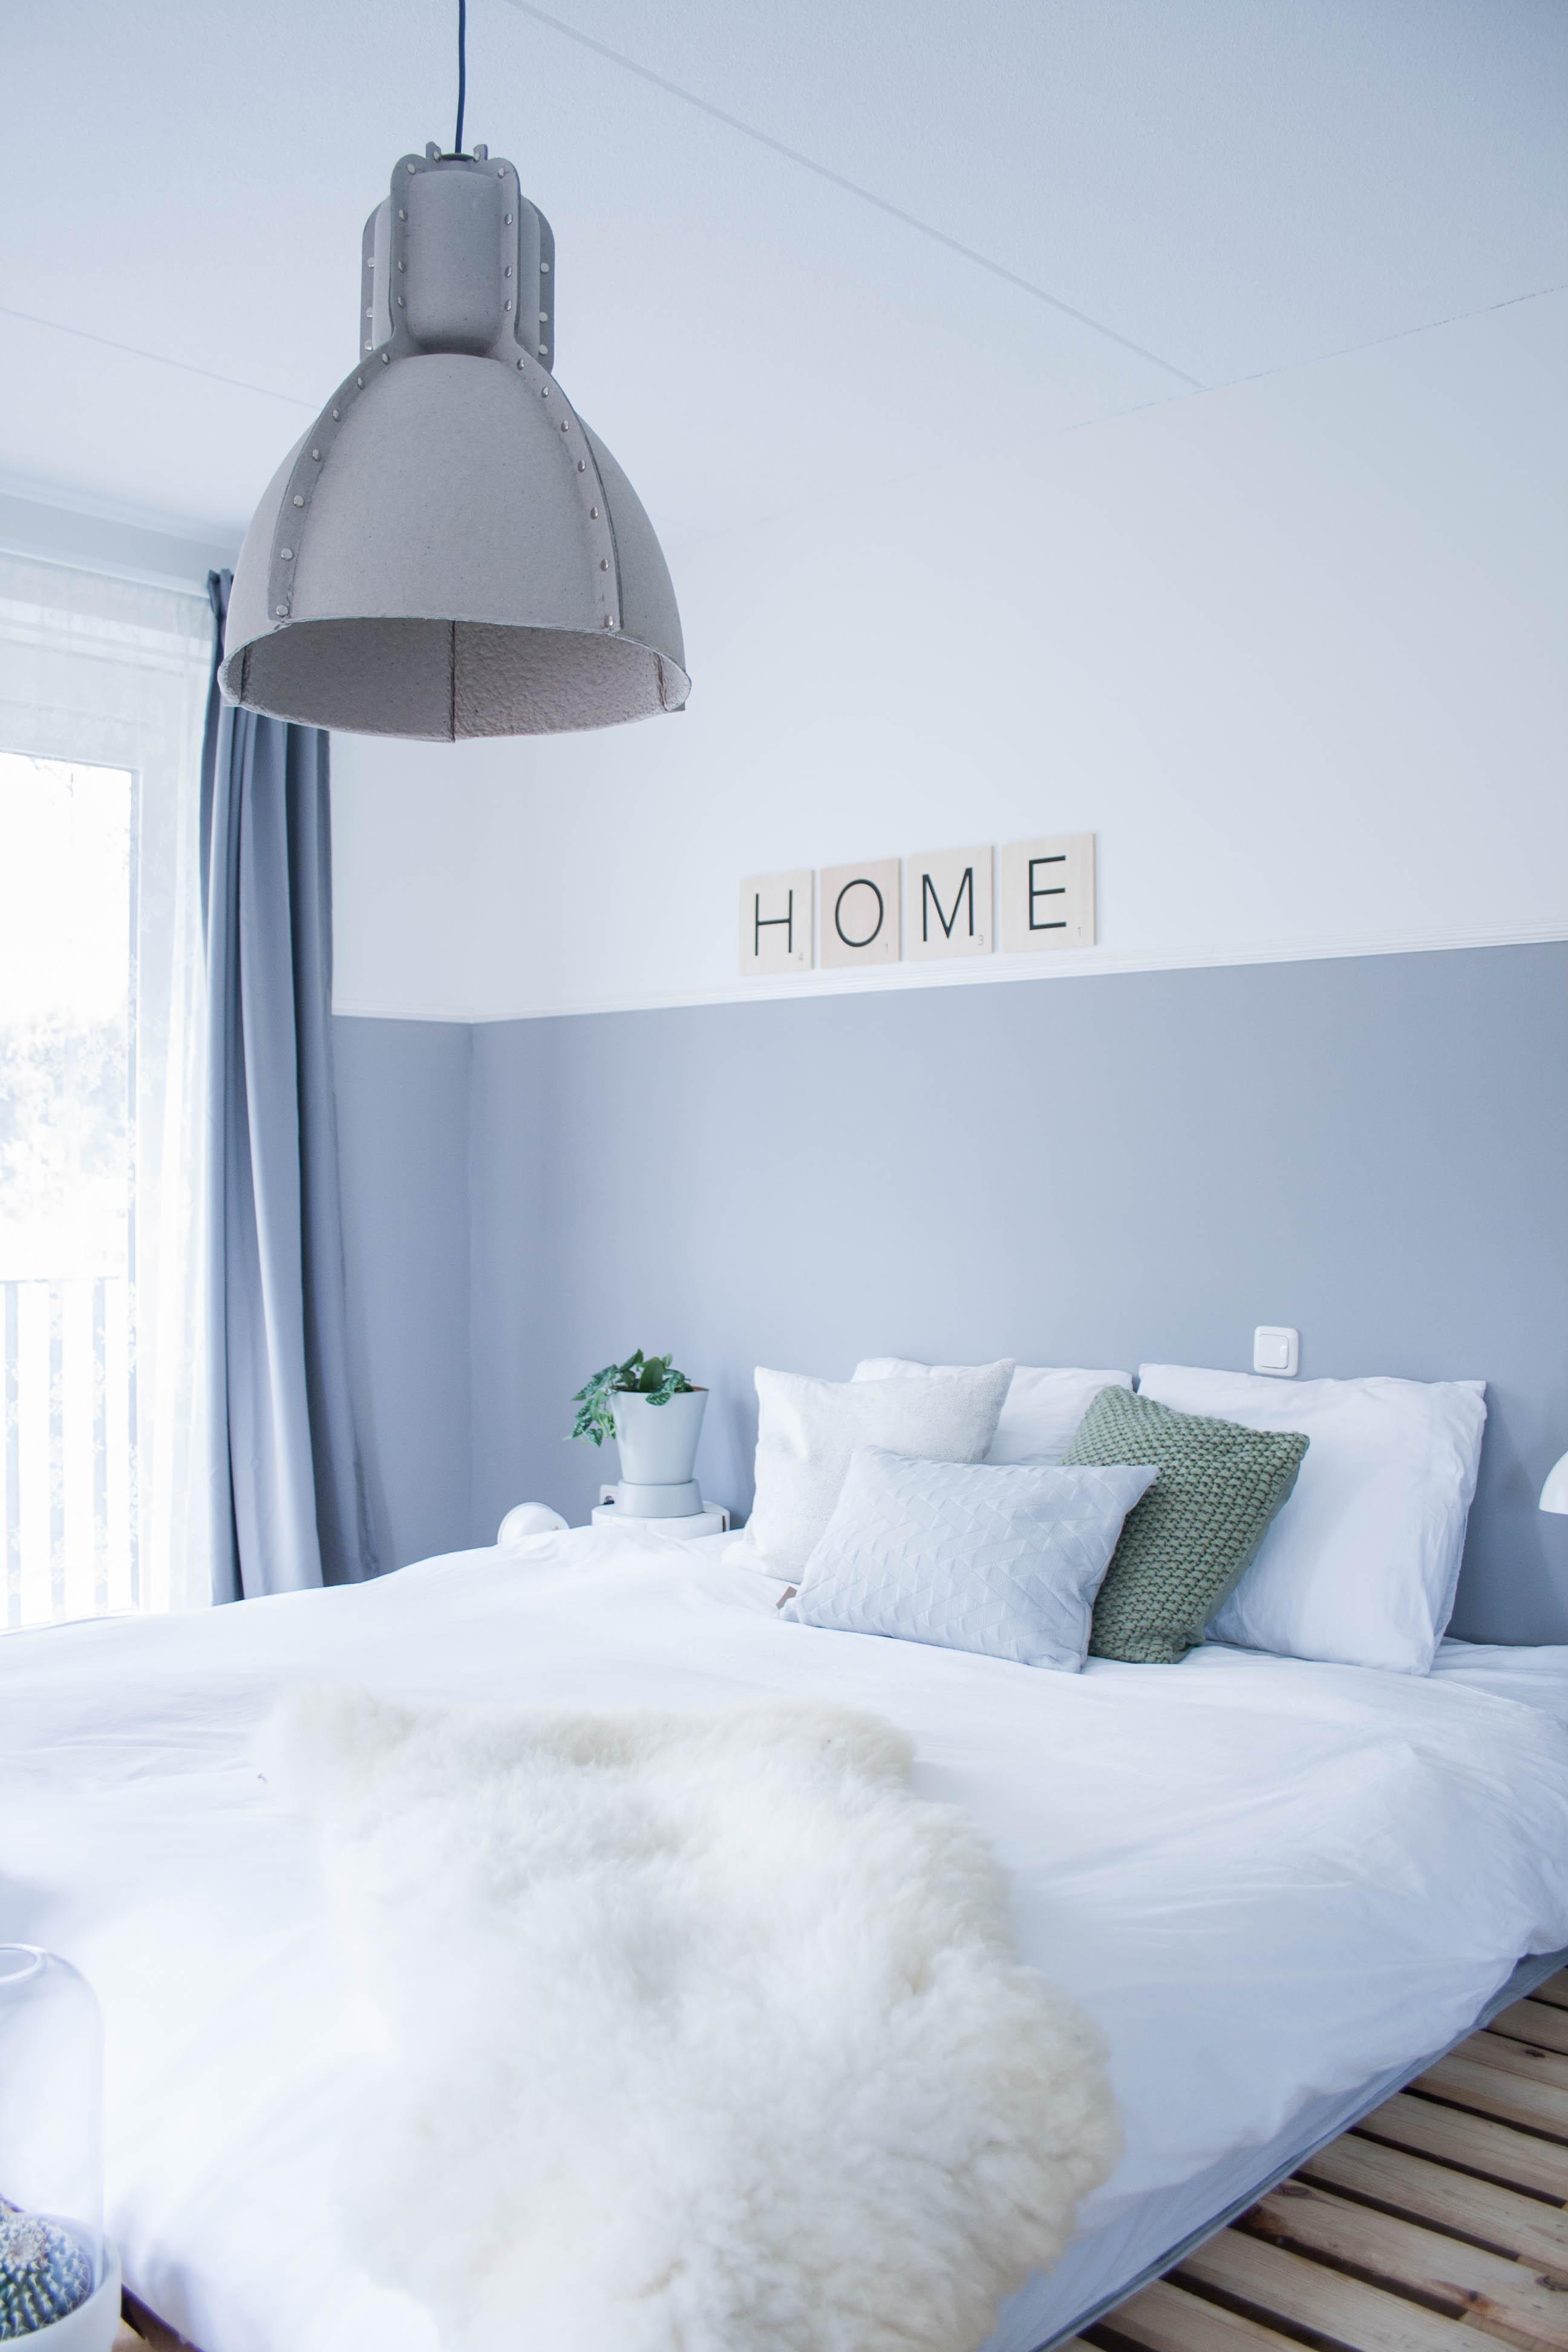 anne lighting in onze slaapkamer – lott., Deco ideeën